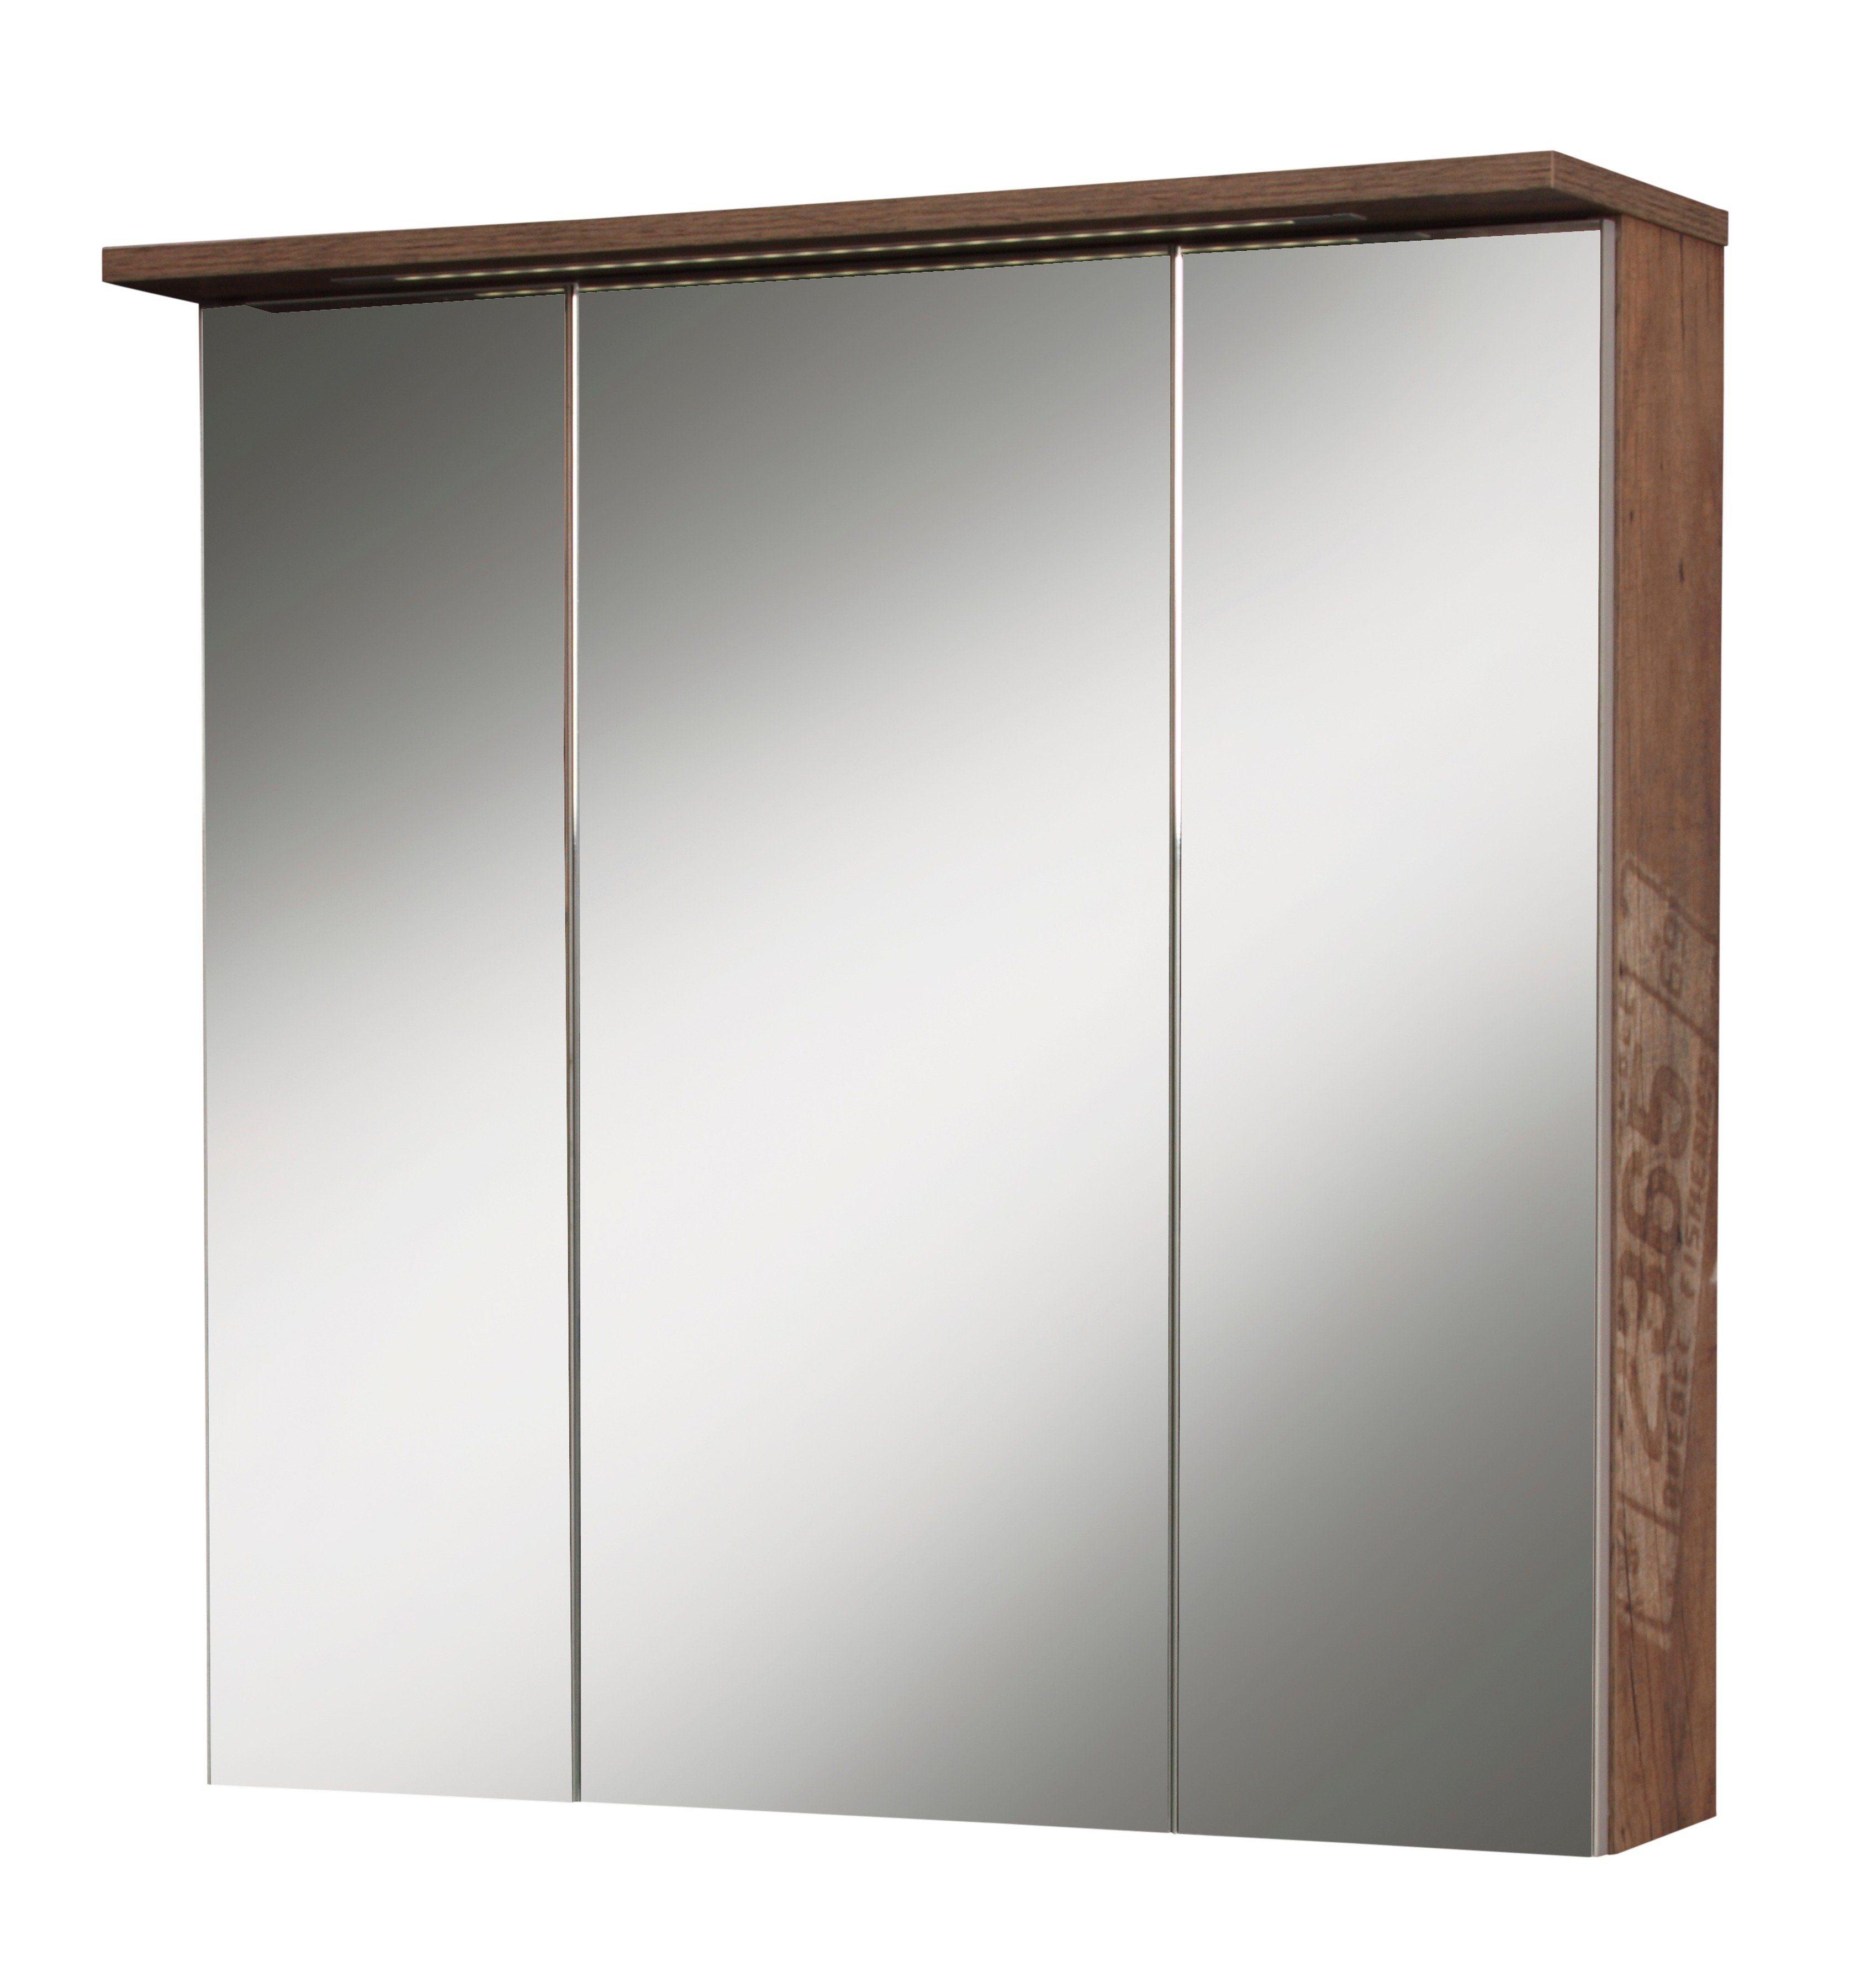 Schildmeyer Spiegelschrank »London« Breite 70 cm, mit Beleuchtung